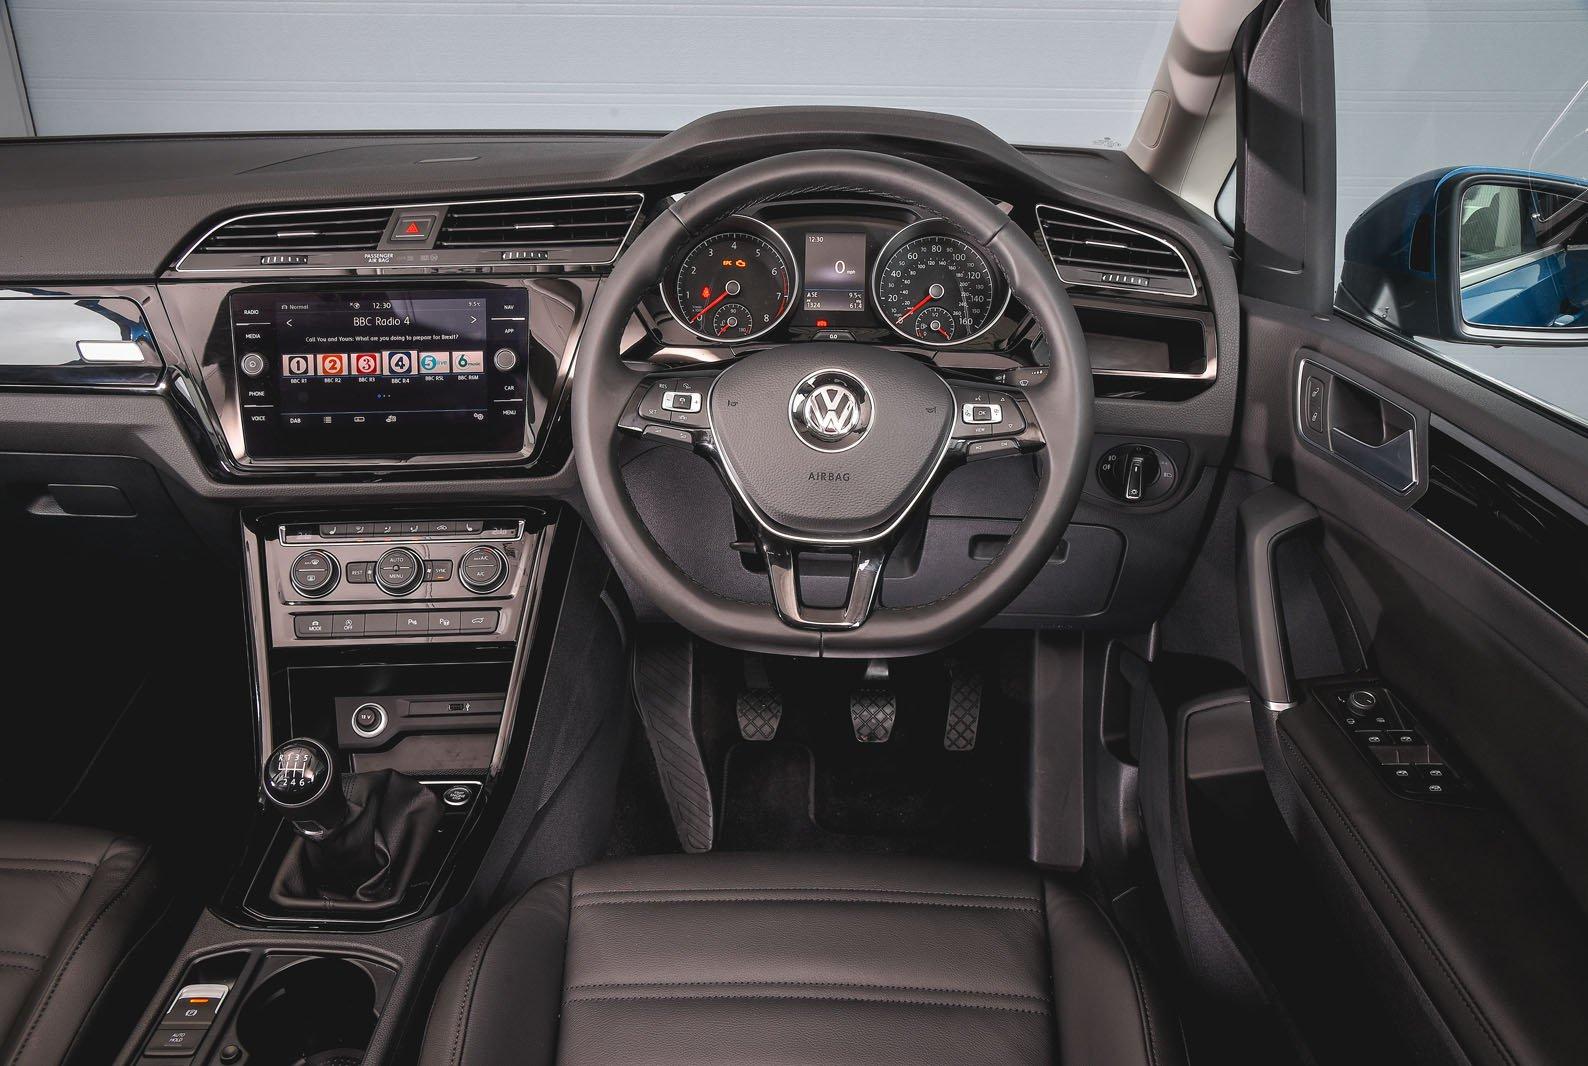 Volkswagen Touran 2019 RHD dashboard